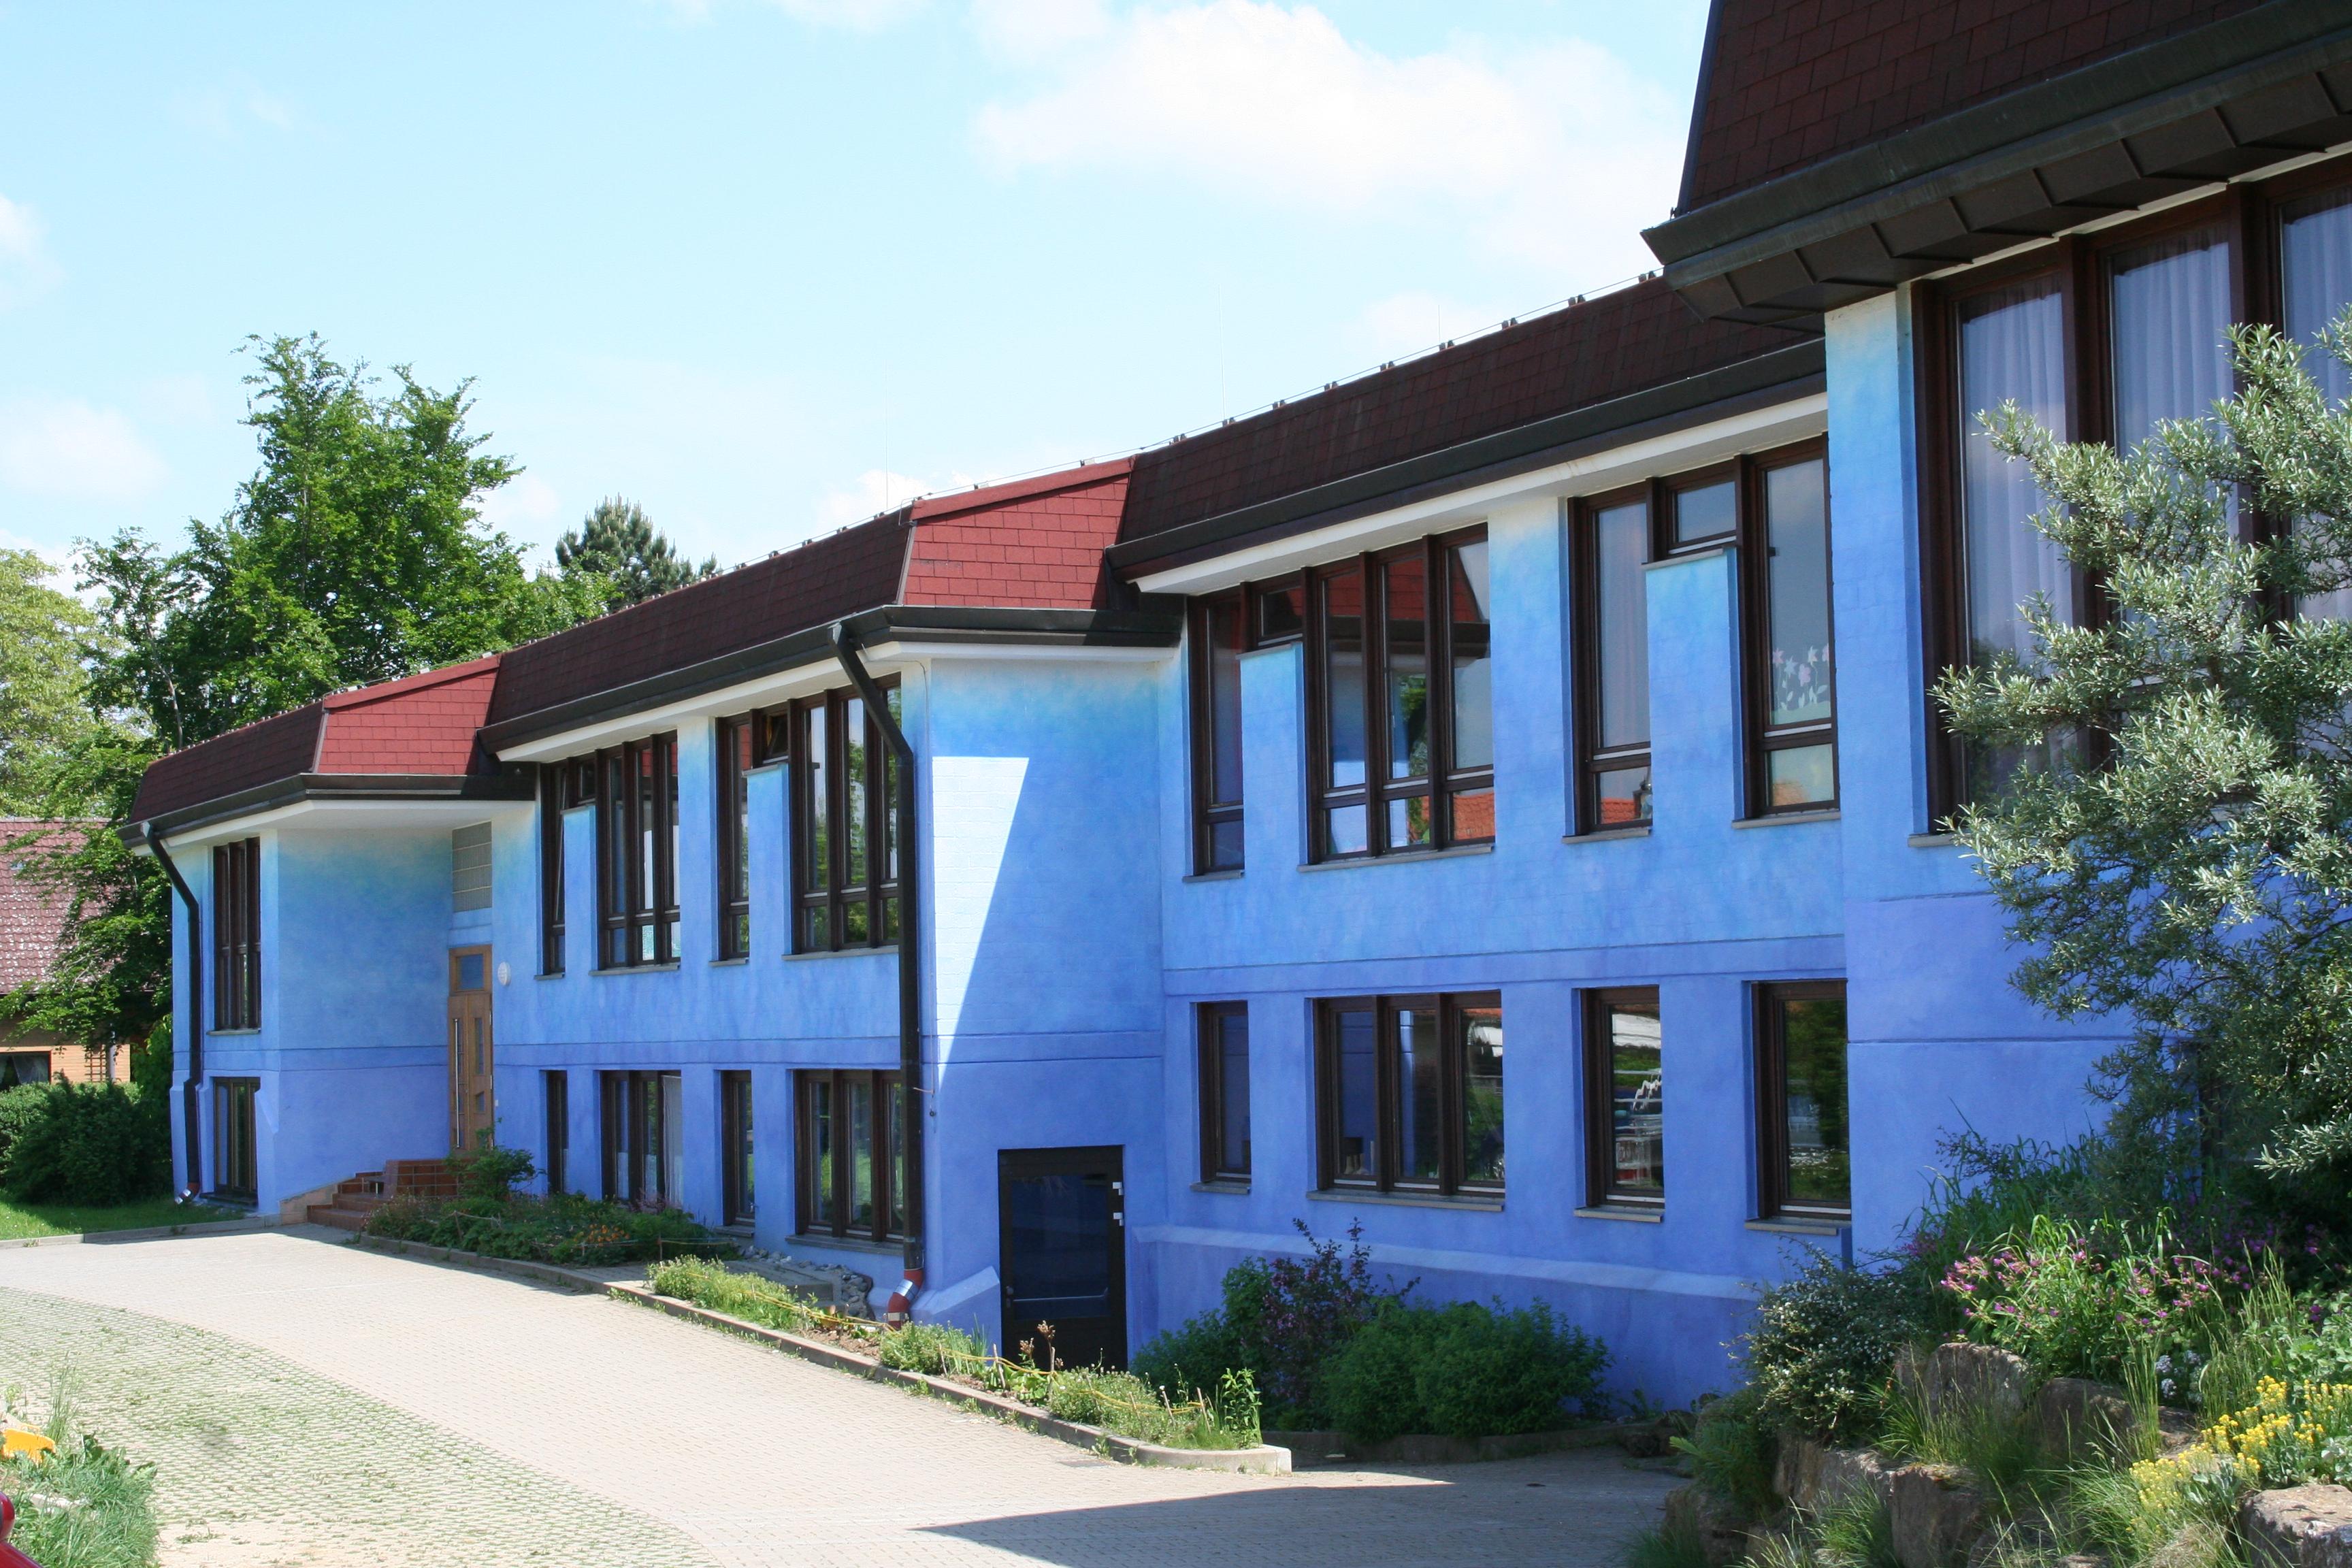 Besuch bei der Kunstausstellung Marc Chagall in Göppingen